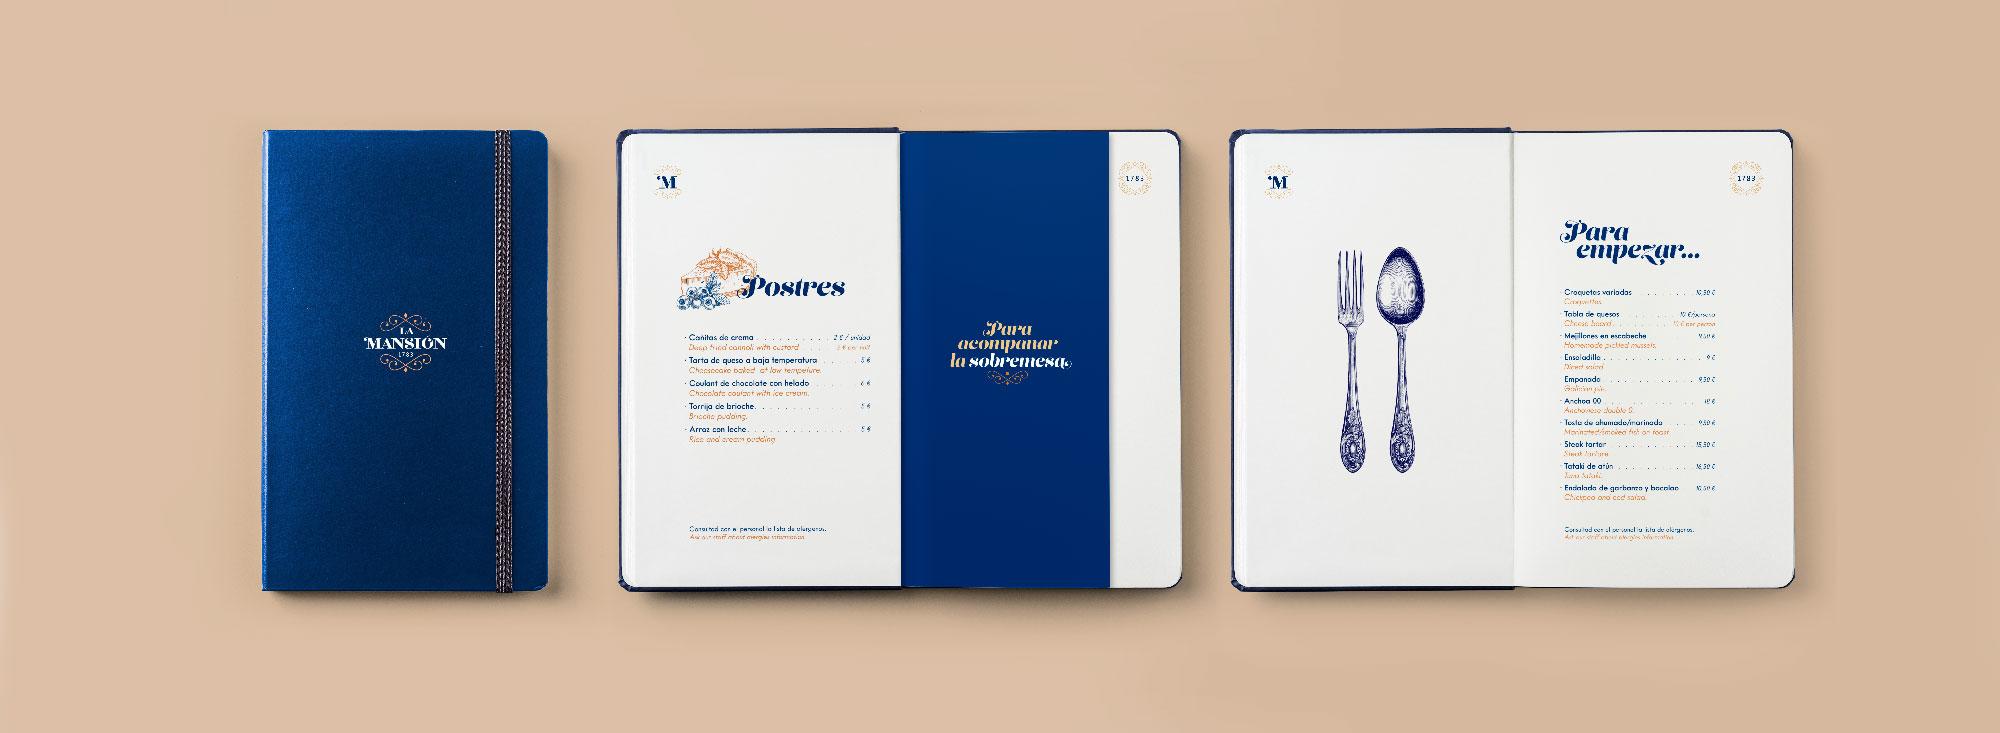 Diseño de carta de restaurante La Mansión de A Coruña